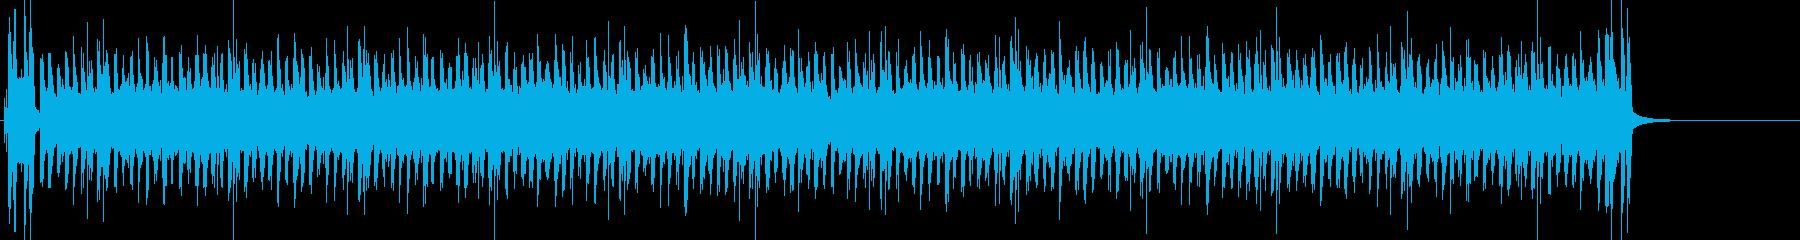 エレクトロ風JAZZの再生済みの波形